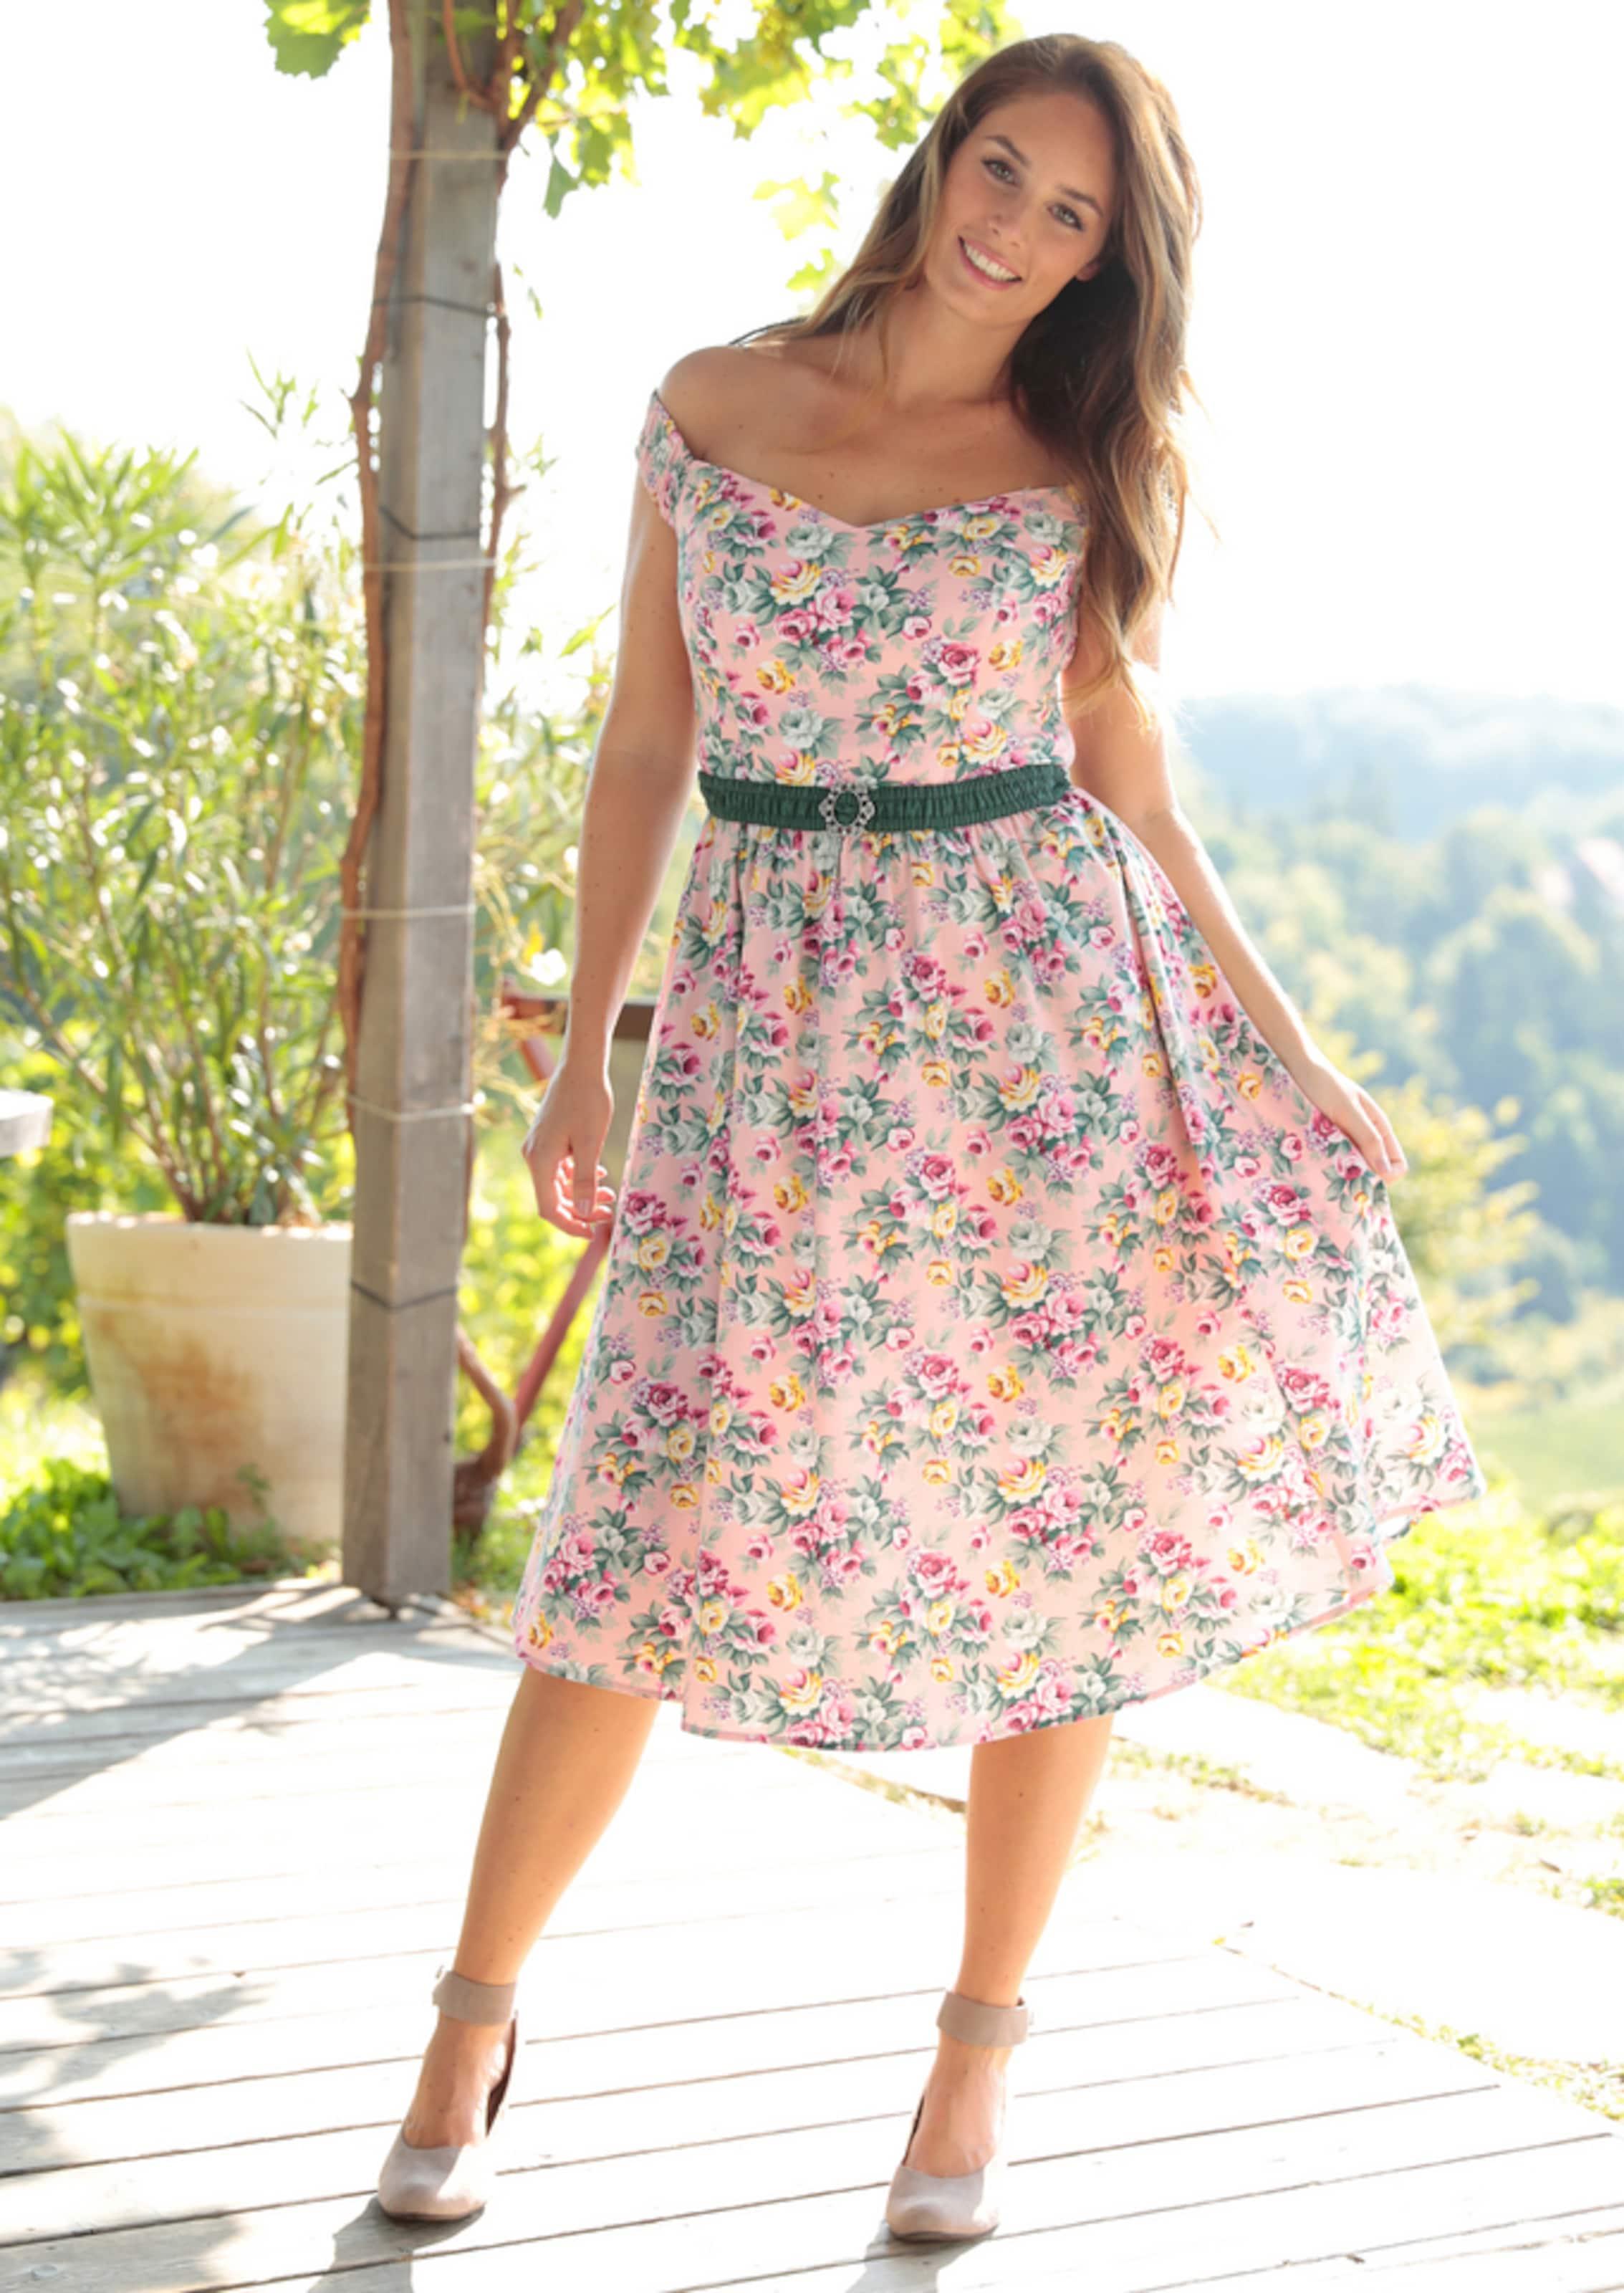 Kleid Kleid Hannah Hannah Hannah Hannah In Rosa Rosa Kleid Rosa Kleid In In xerBWdCo